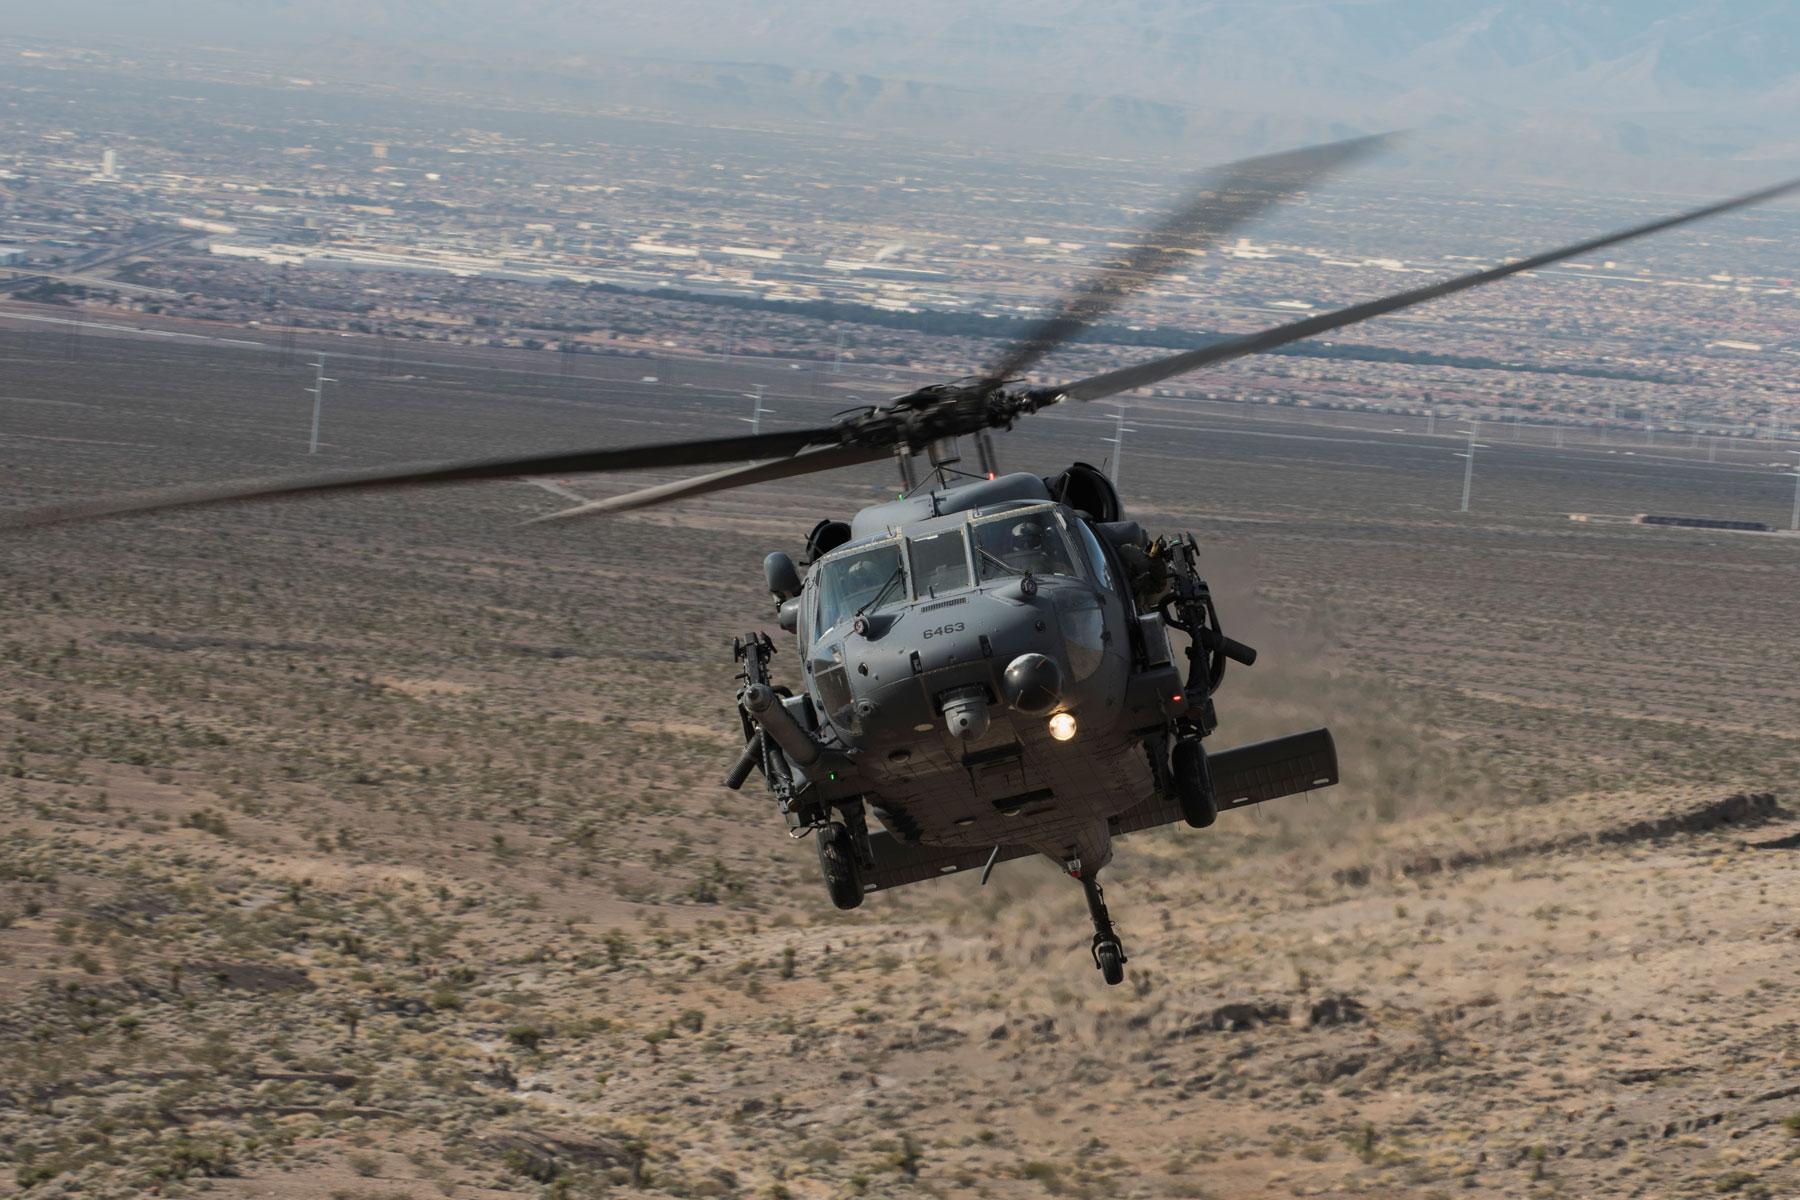 Us Hh 60 Pave Hawk Crash In Western Iraq Kills All On